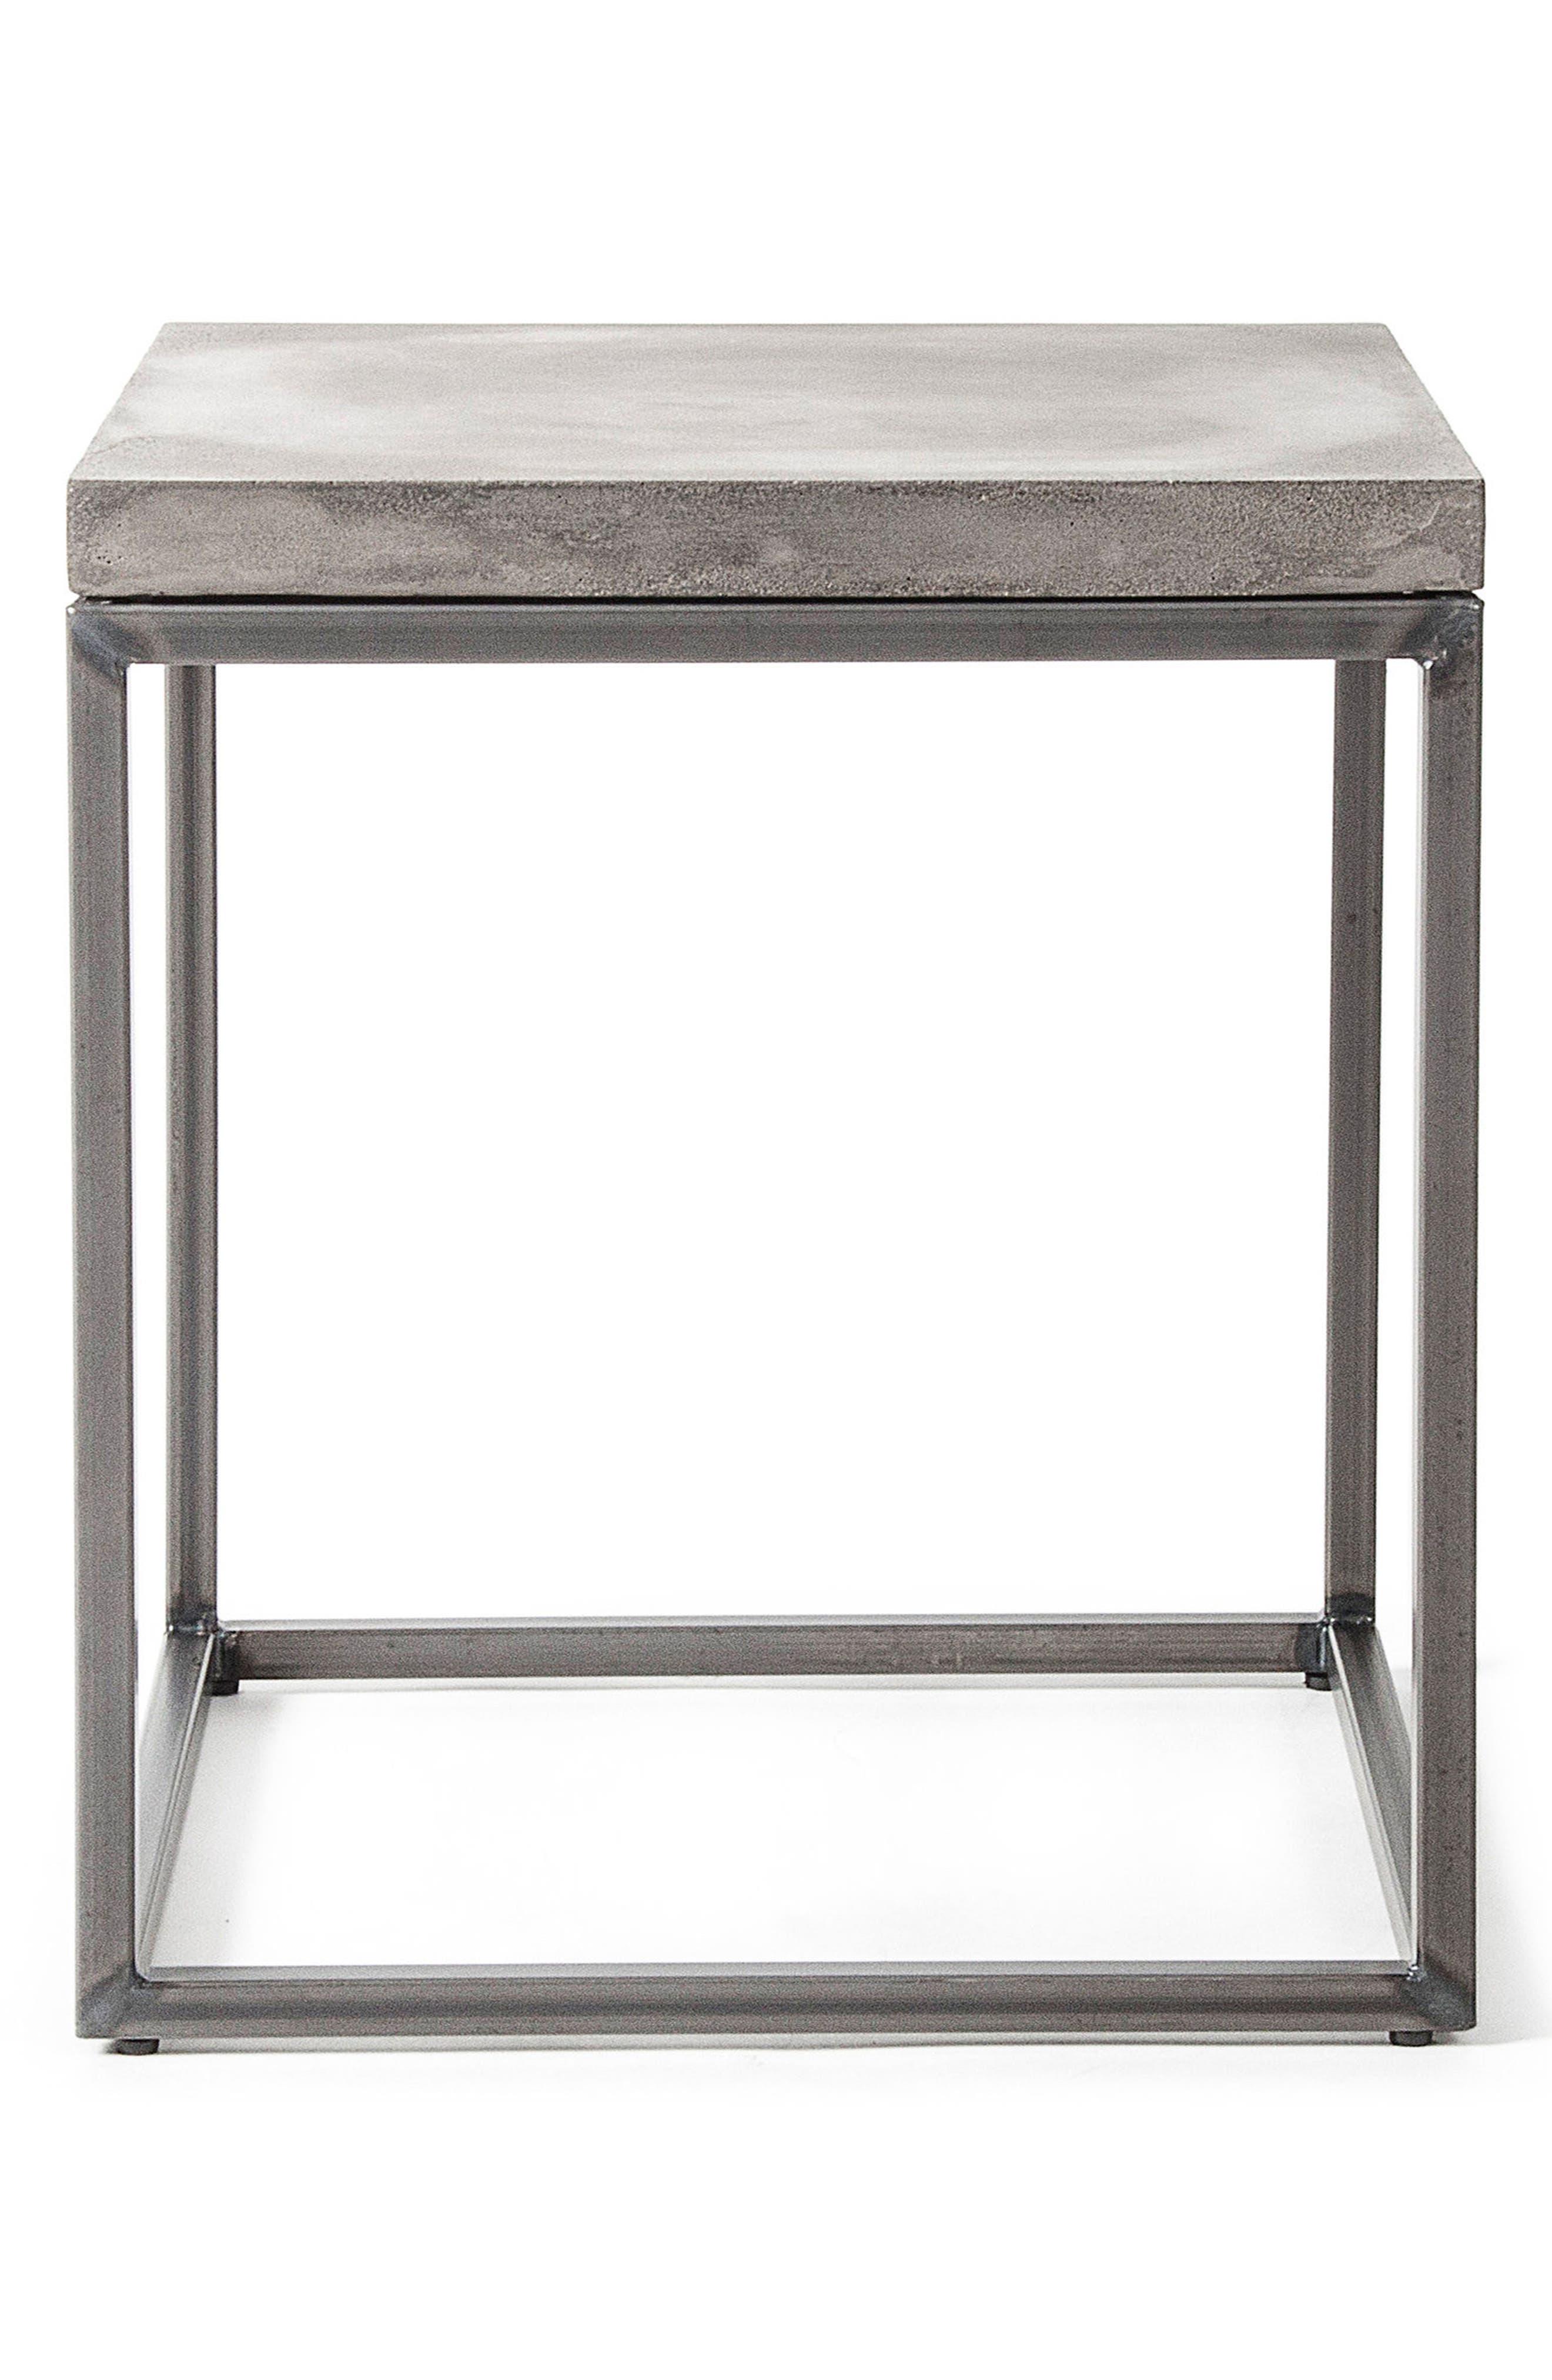 Lyon Béton Perspective Side Table,                             Main thumbnail 1, color,                             Cement